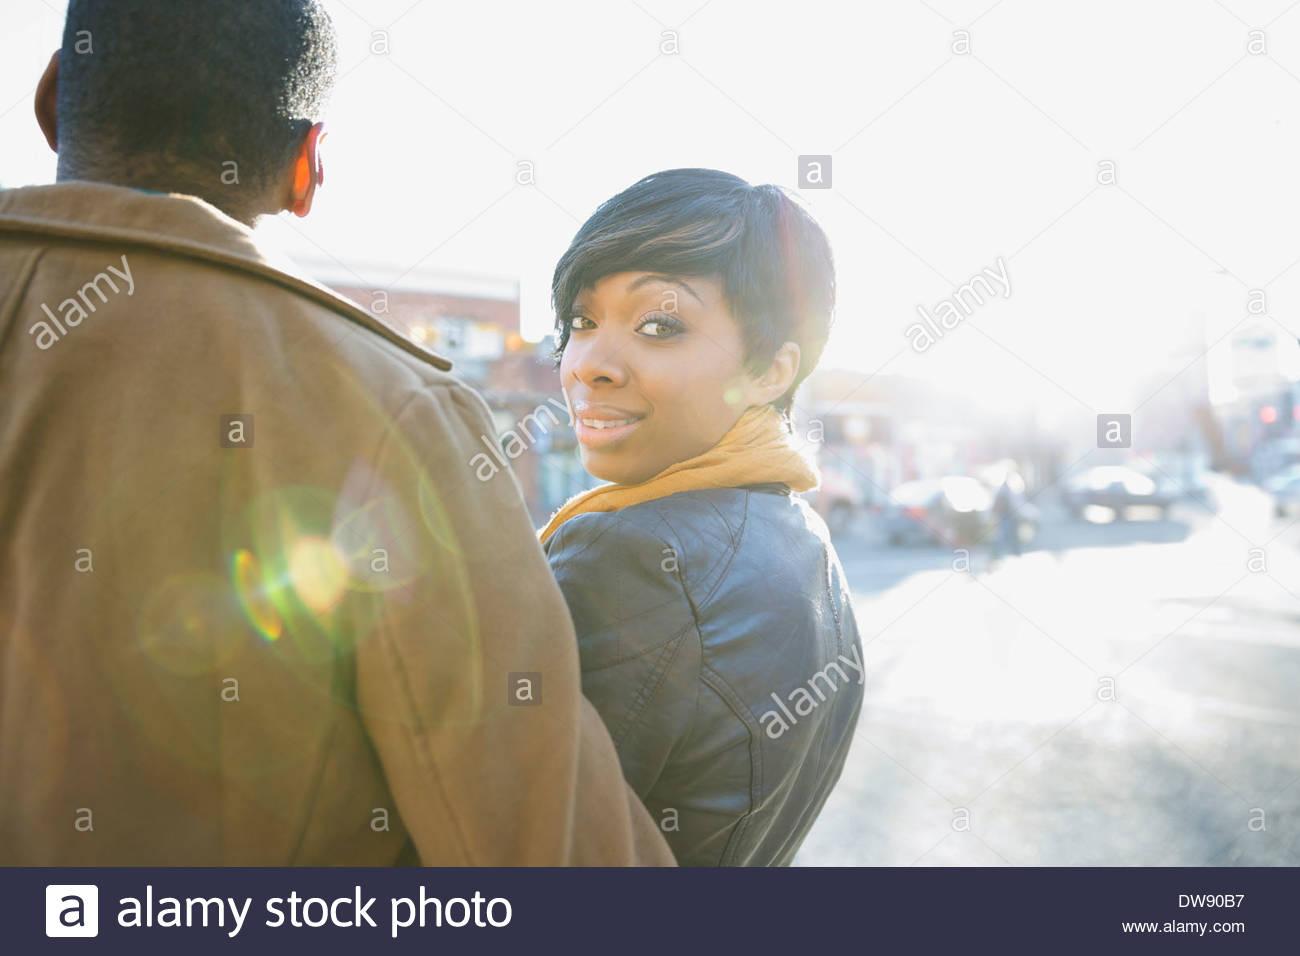 Vista posteriore del ritratto di donna con uomo sulla strada di città Immagini Stock